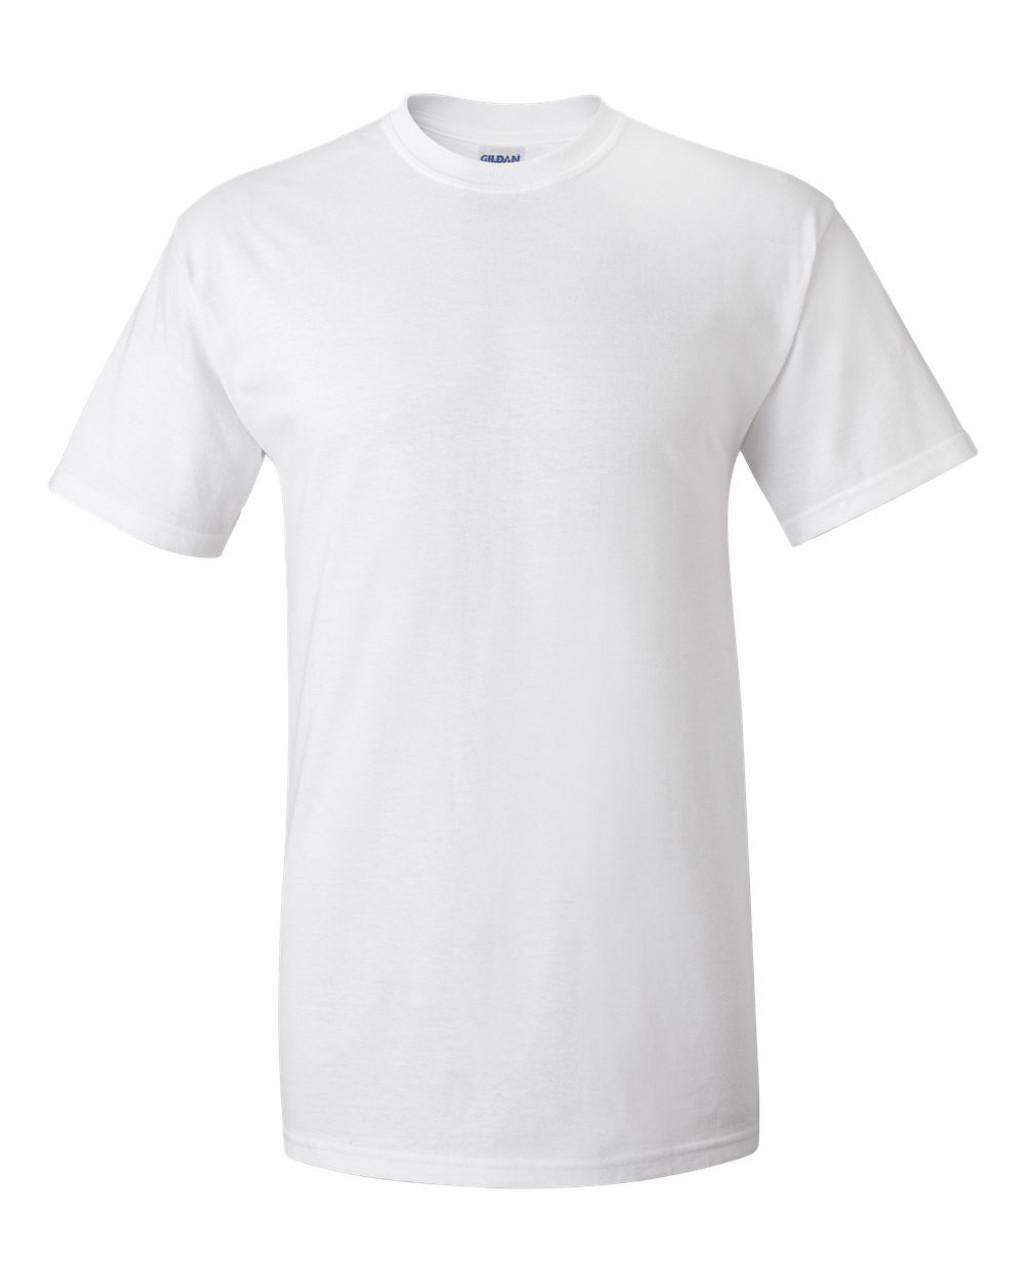 2000 Gildan Adult Ultra Cotton T-Shirt | T-shirt.ca